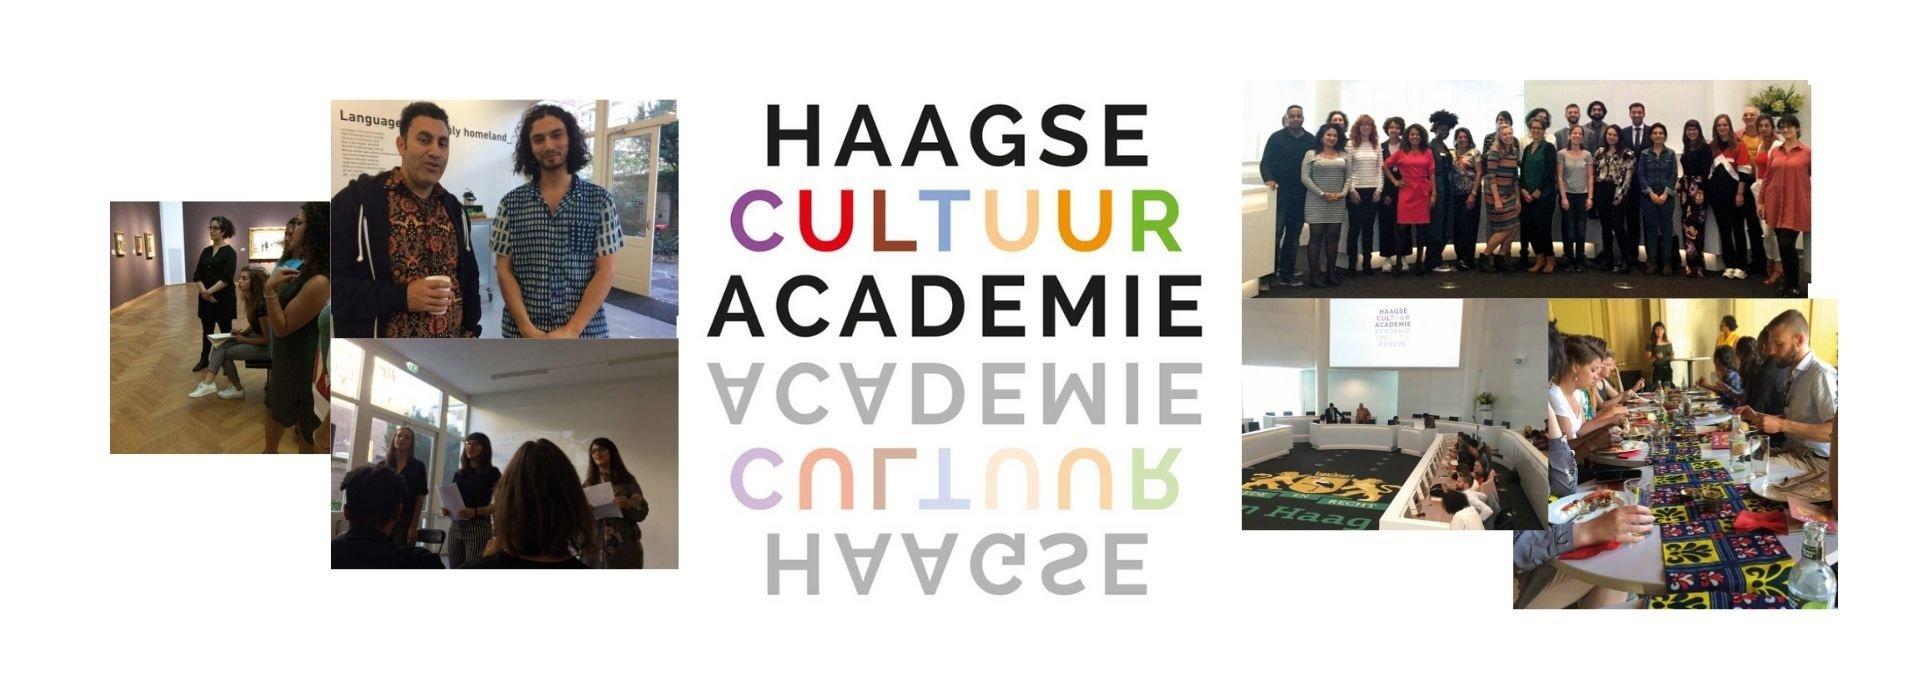 Haagse CultuurAcademie Beeldverslag